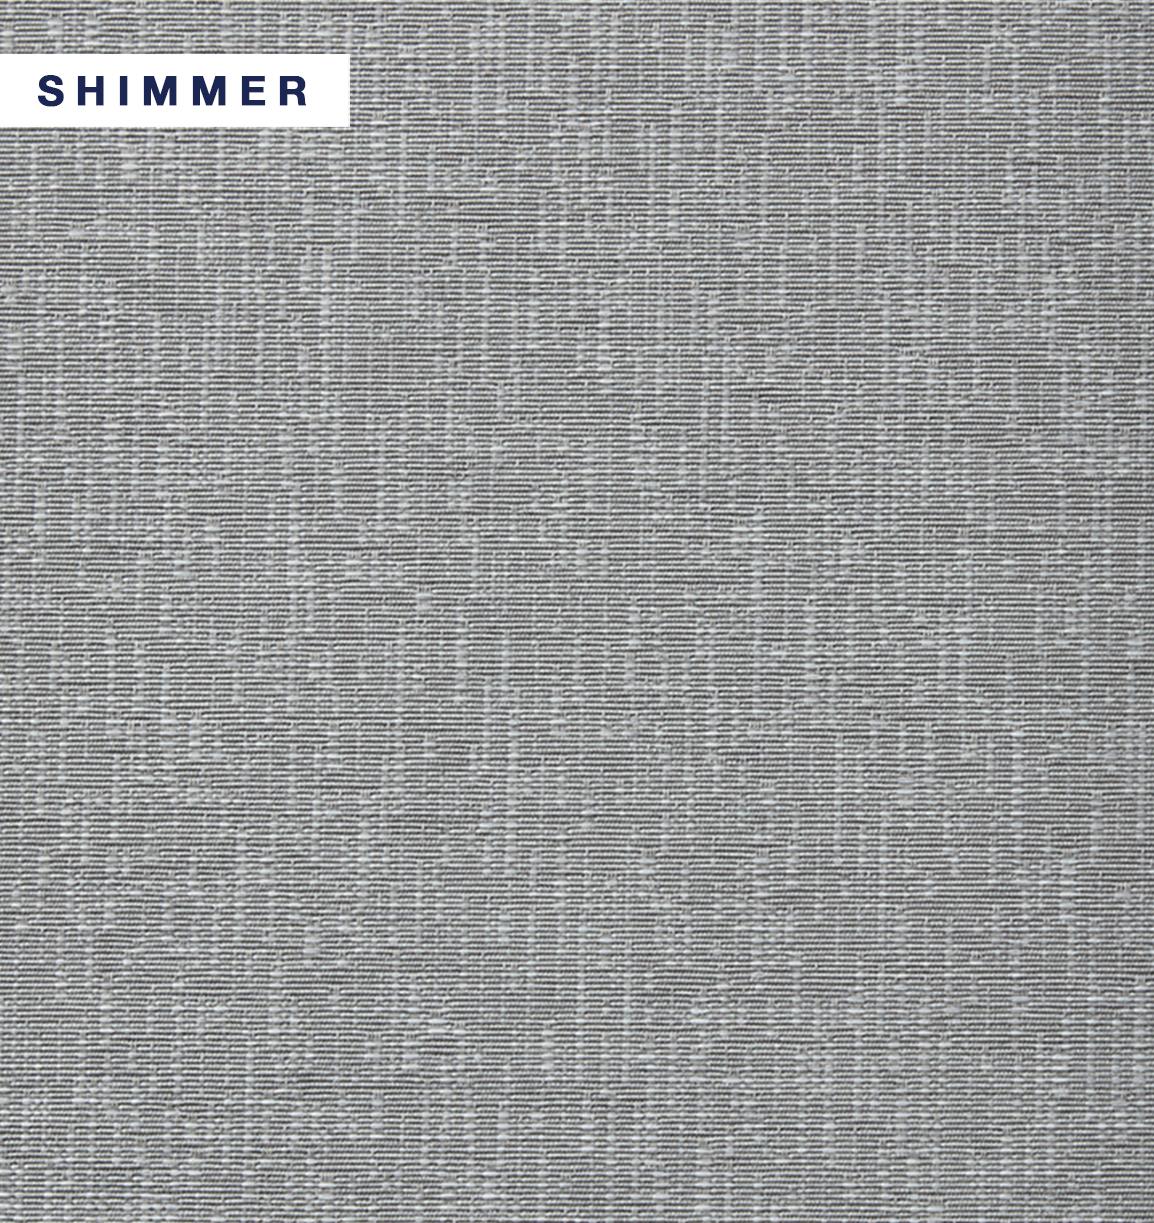 Petra - Shimmer.jpg